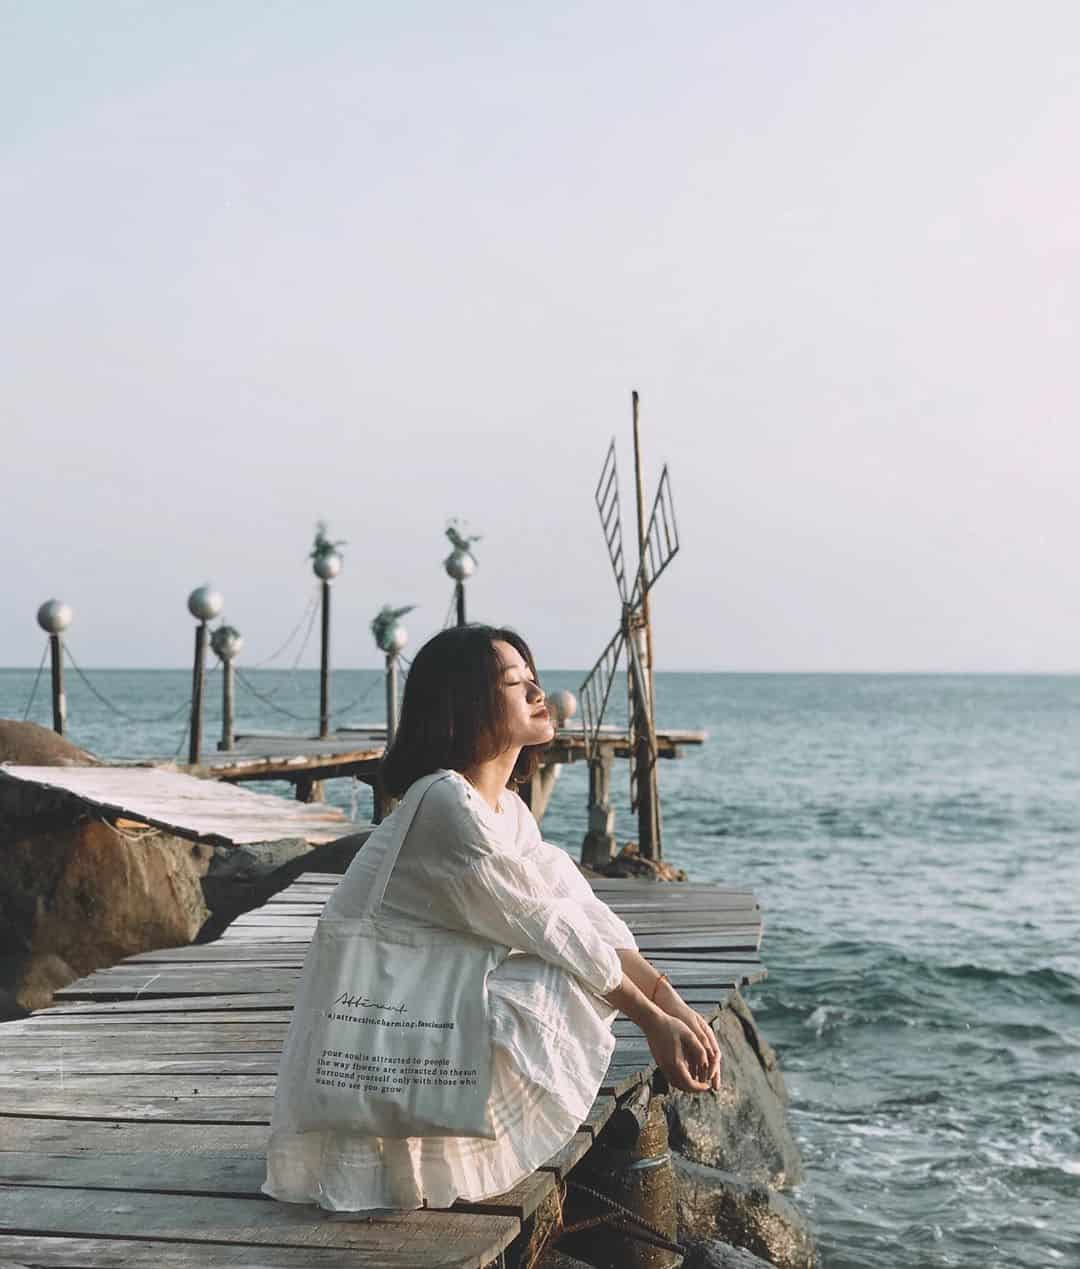 Những chiếc cầu gỗ cho bức hình của bạn thêm xinh. Hình: @nininana225